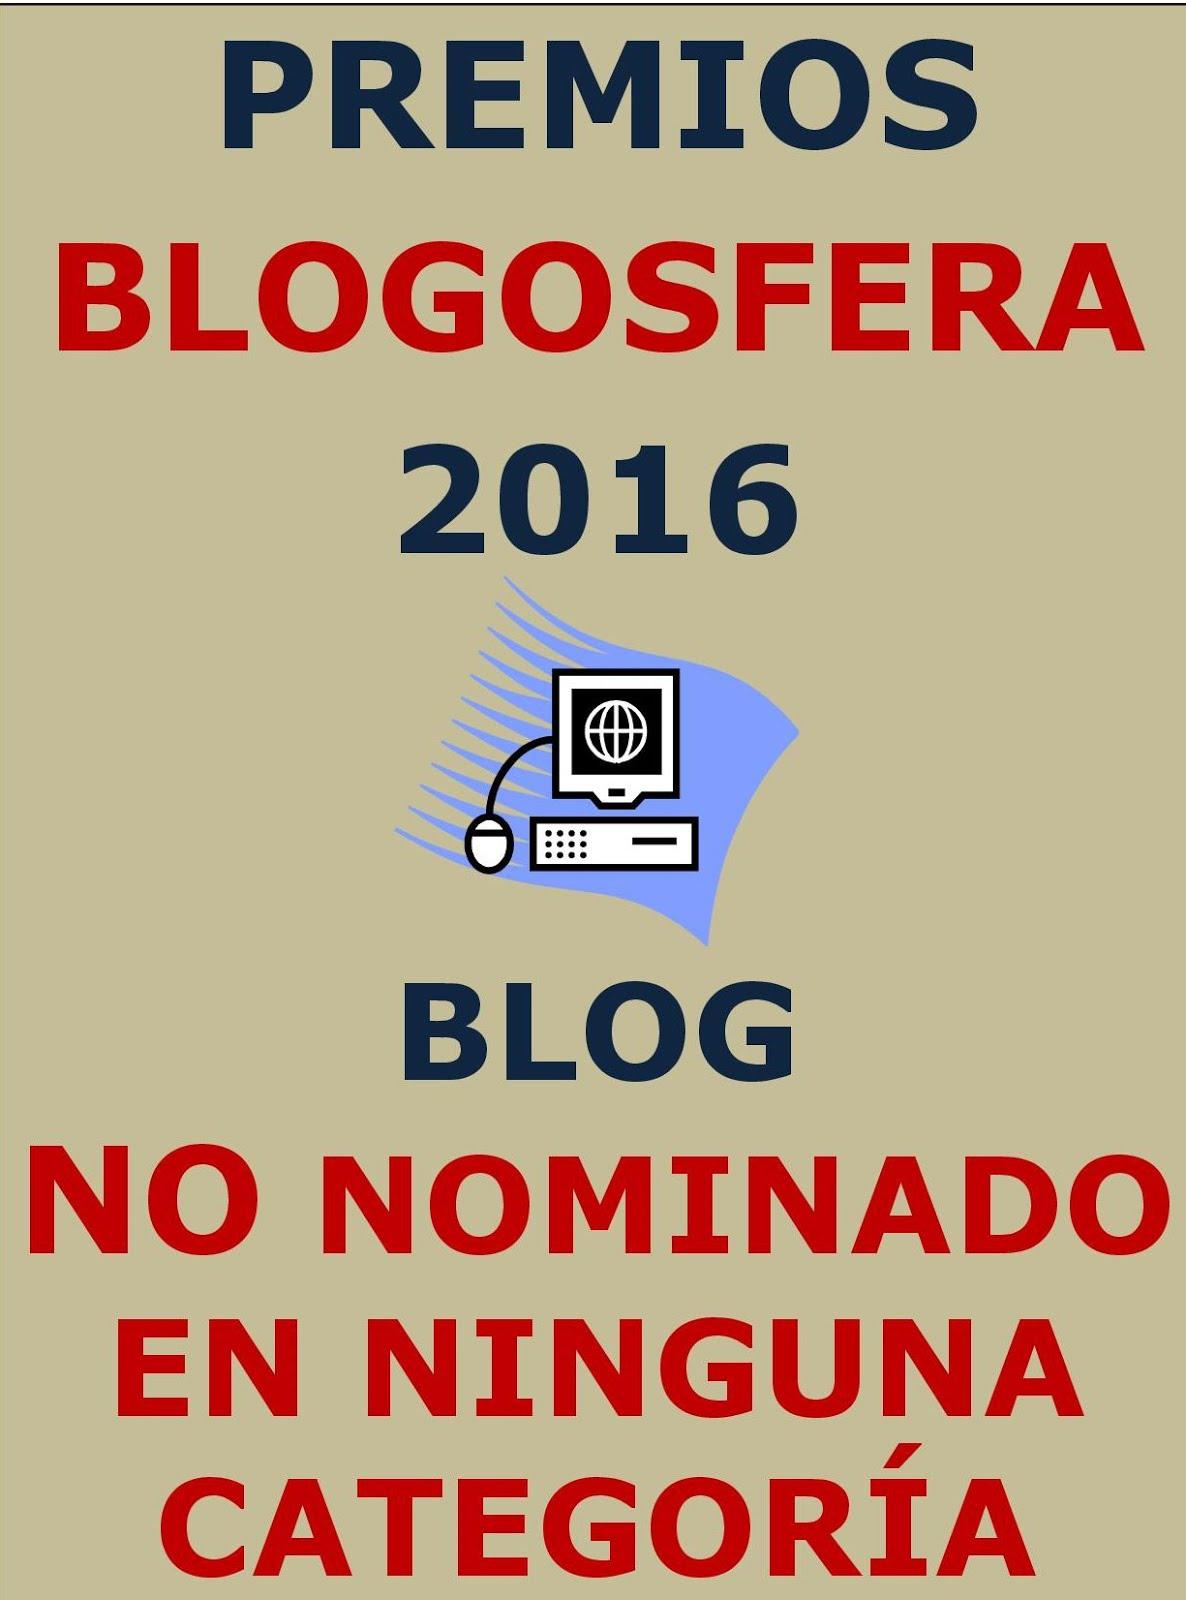 Blog NO nominado a ningún premio en categoría alguna. Navegación tranquila. A tu aire.